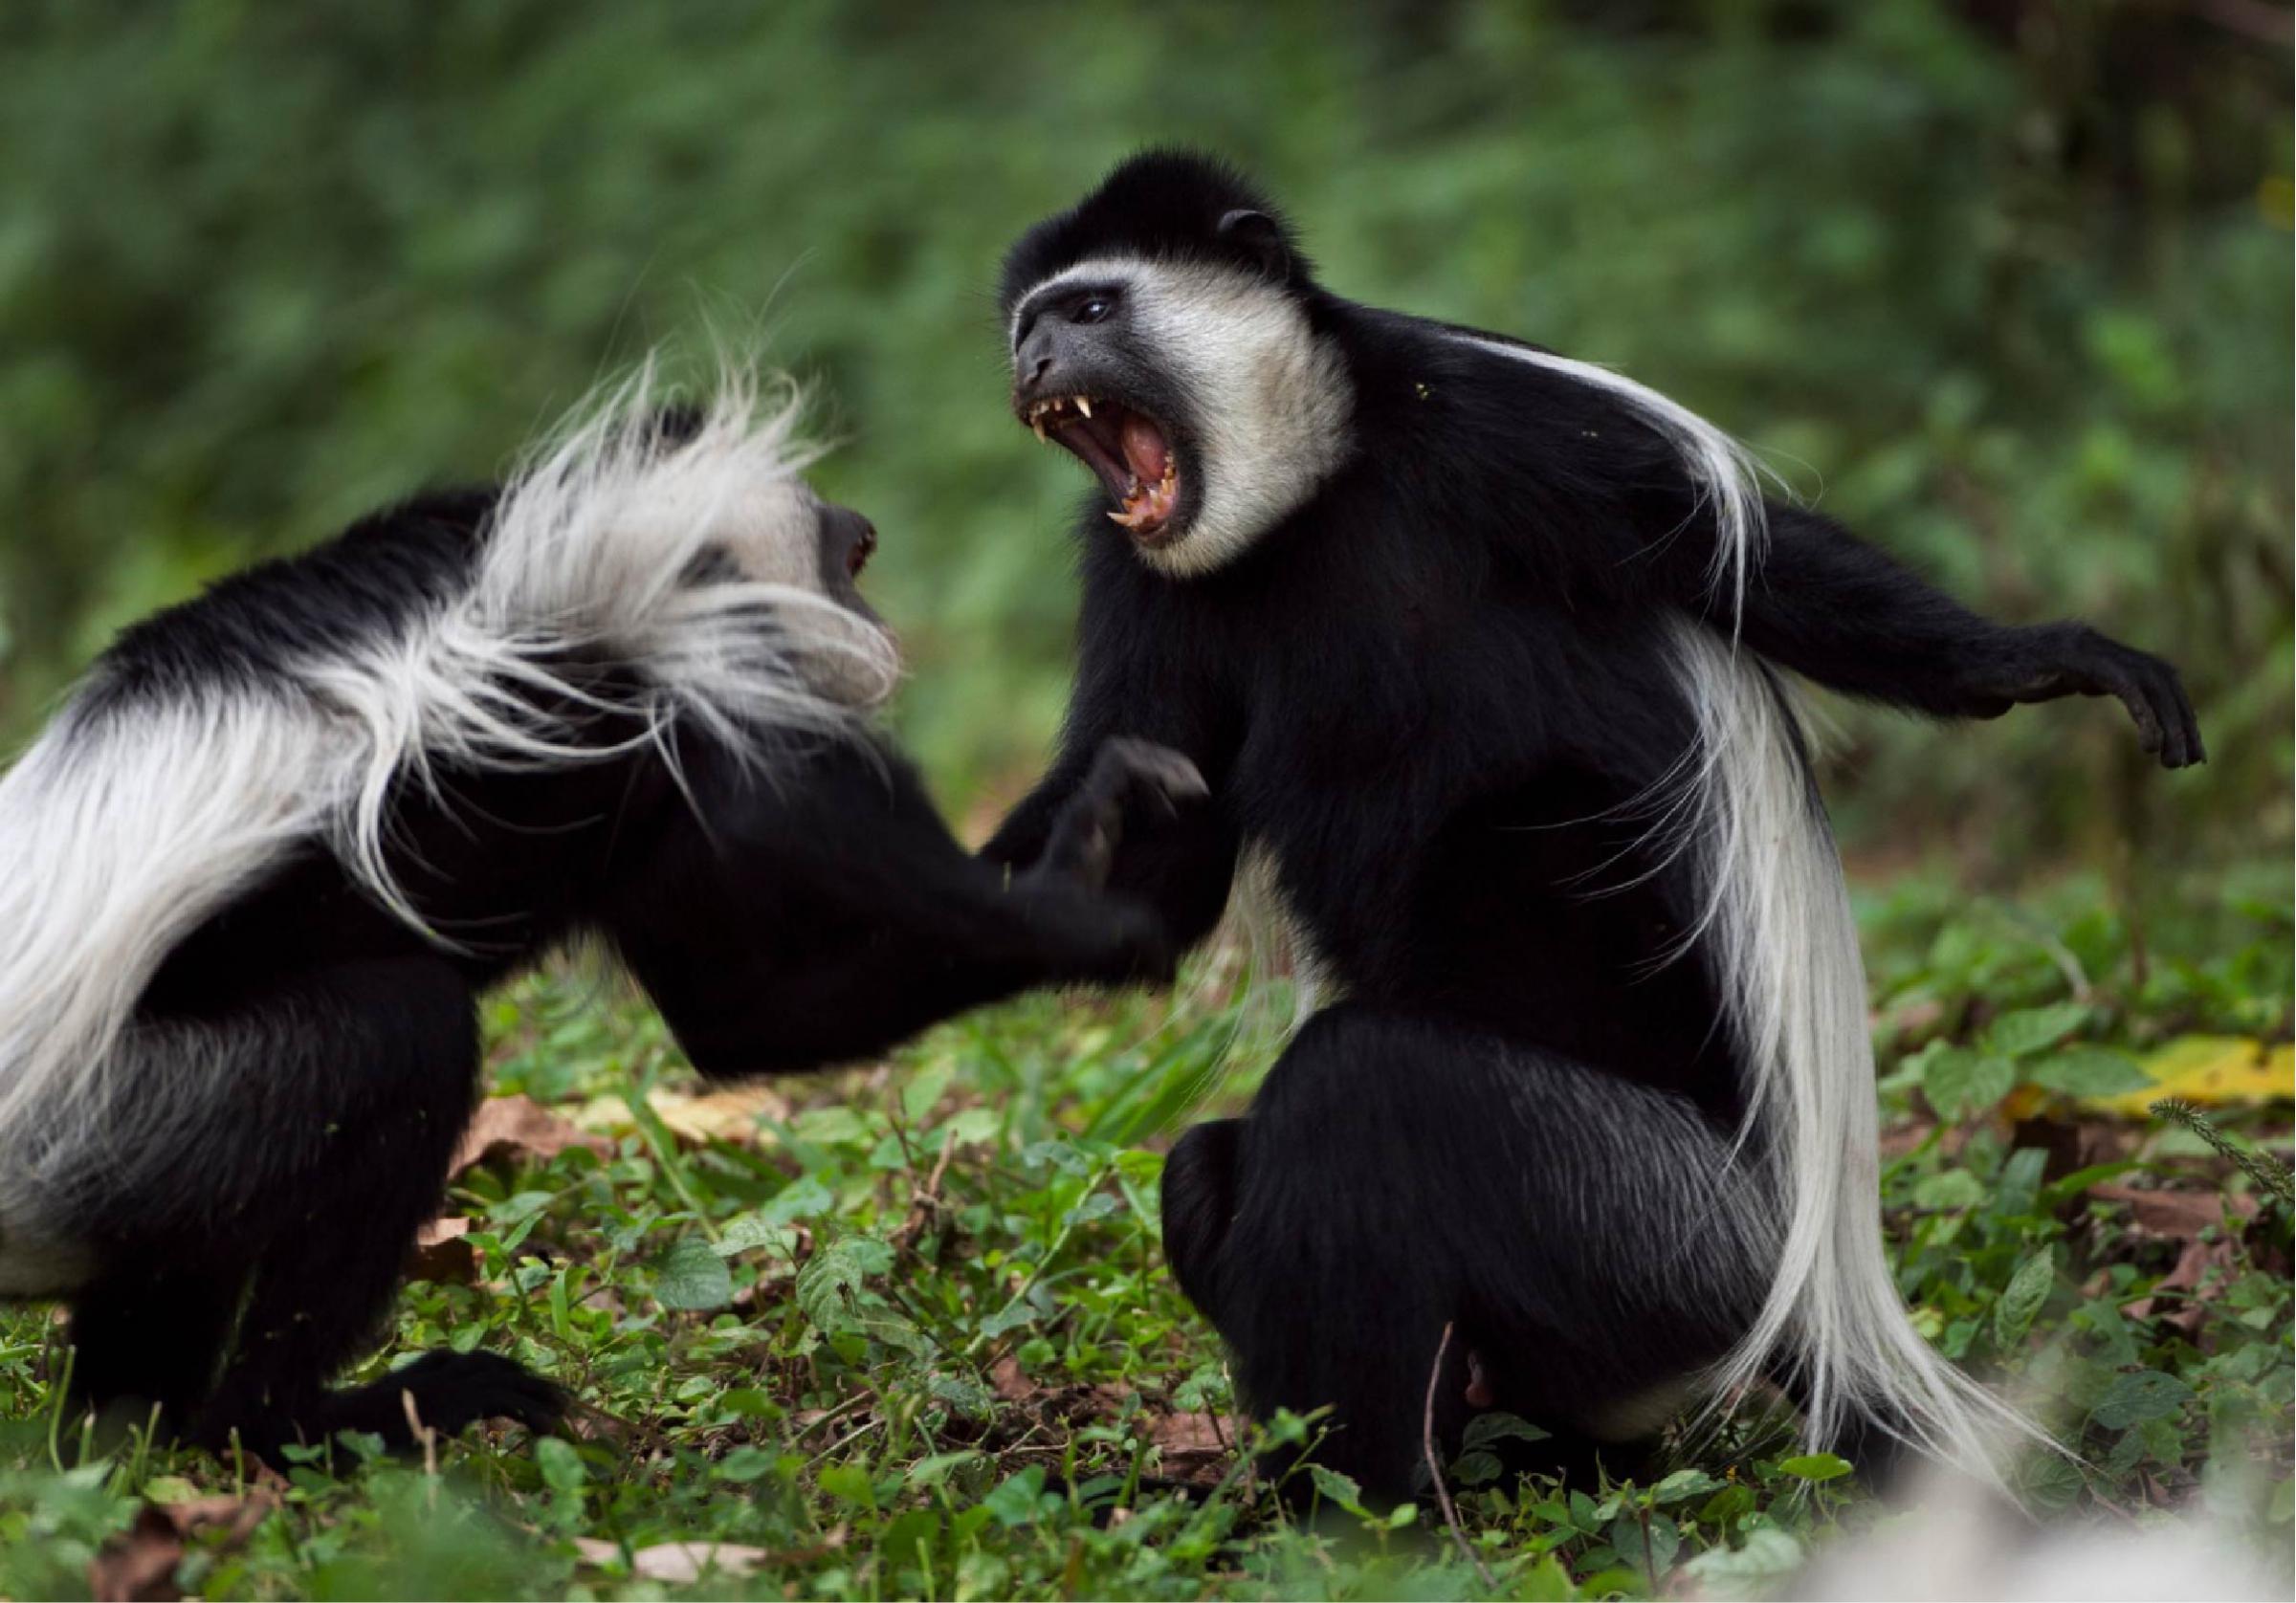 קופי קולובוס גרזה (Colobus guereza) נלחמים | Fiona Rogers, Nature Picture Library, SPL